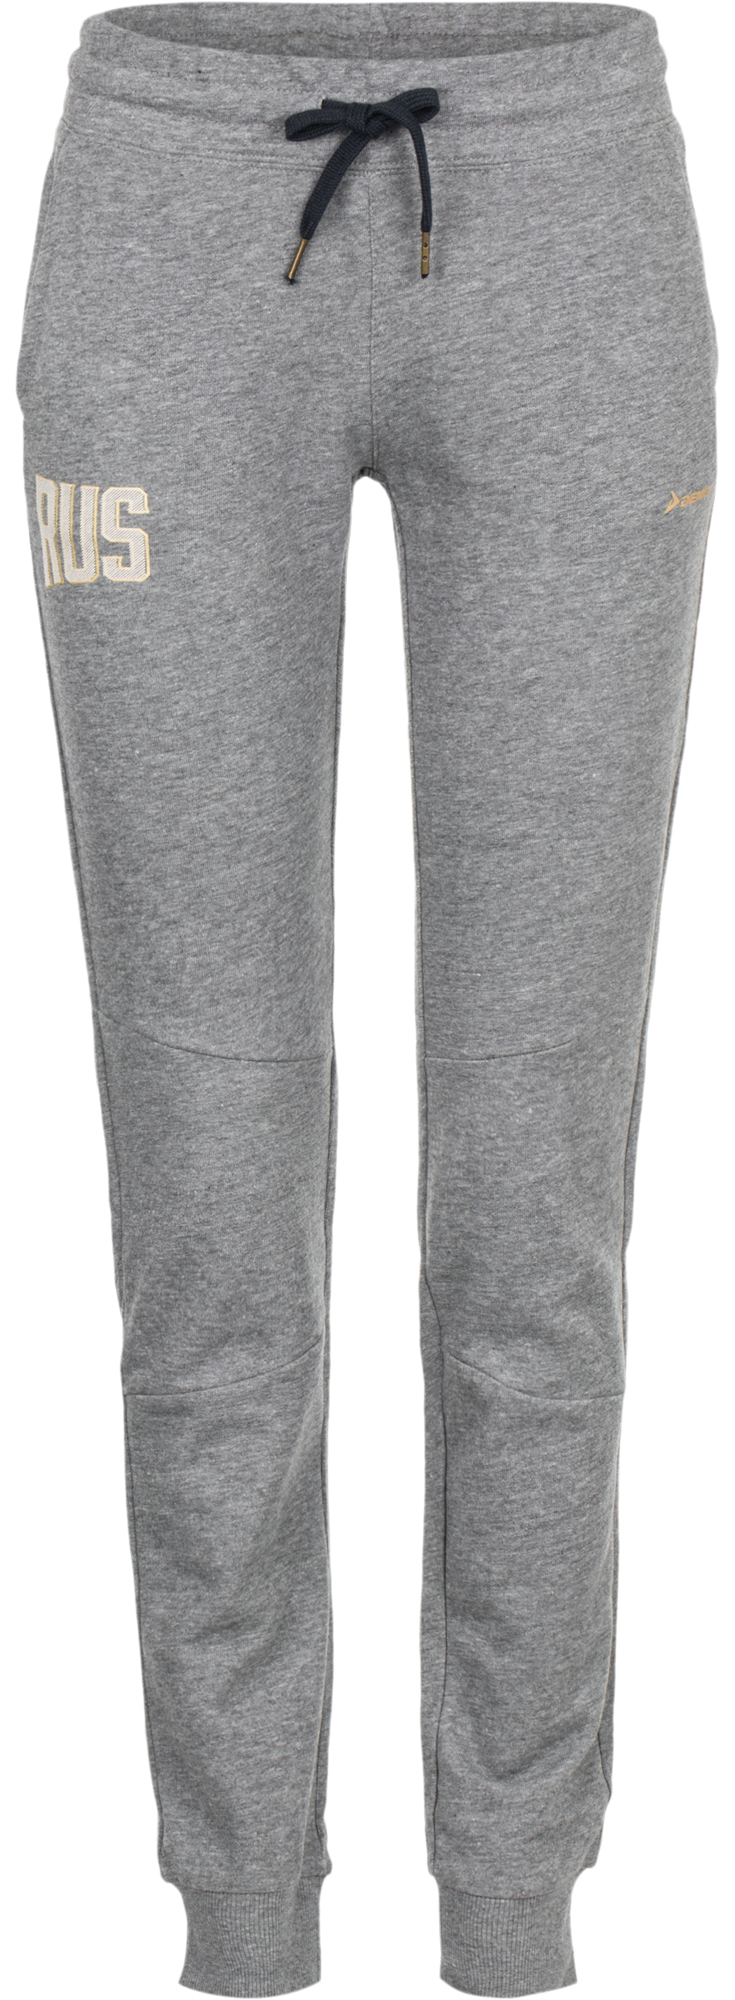 Demix Брюки женские Demix женские брюки